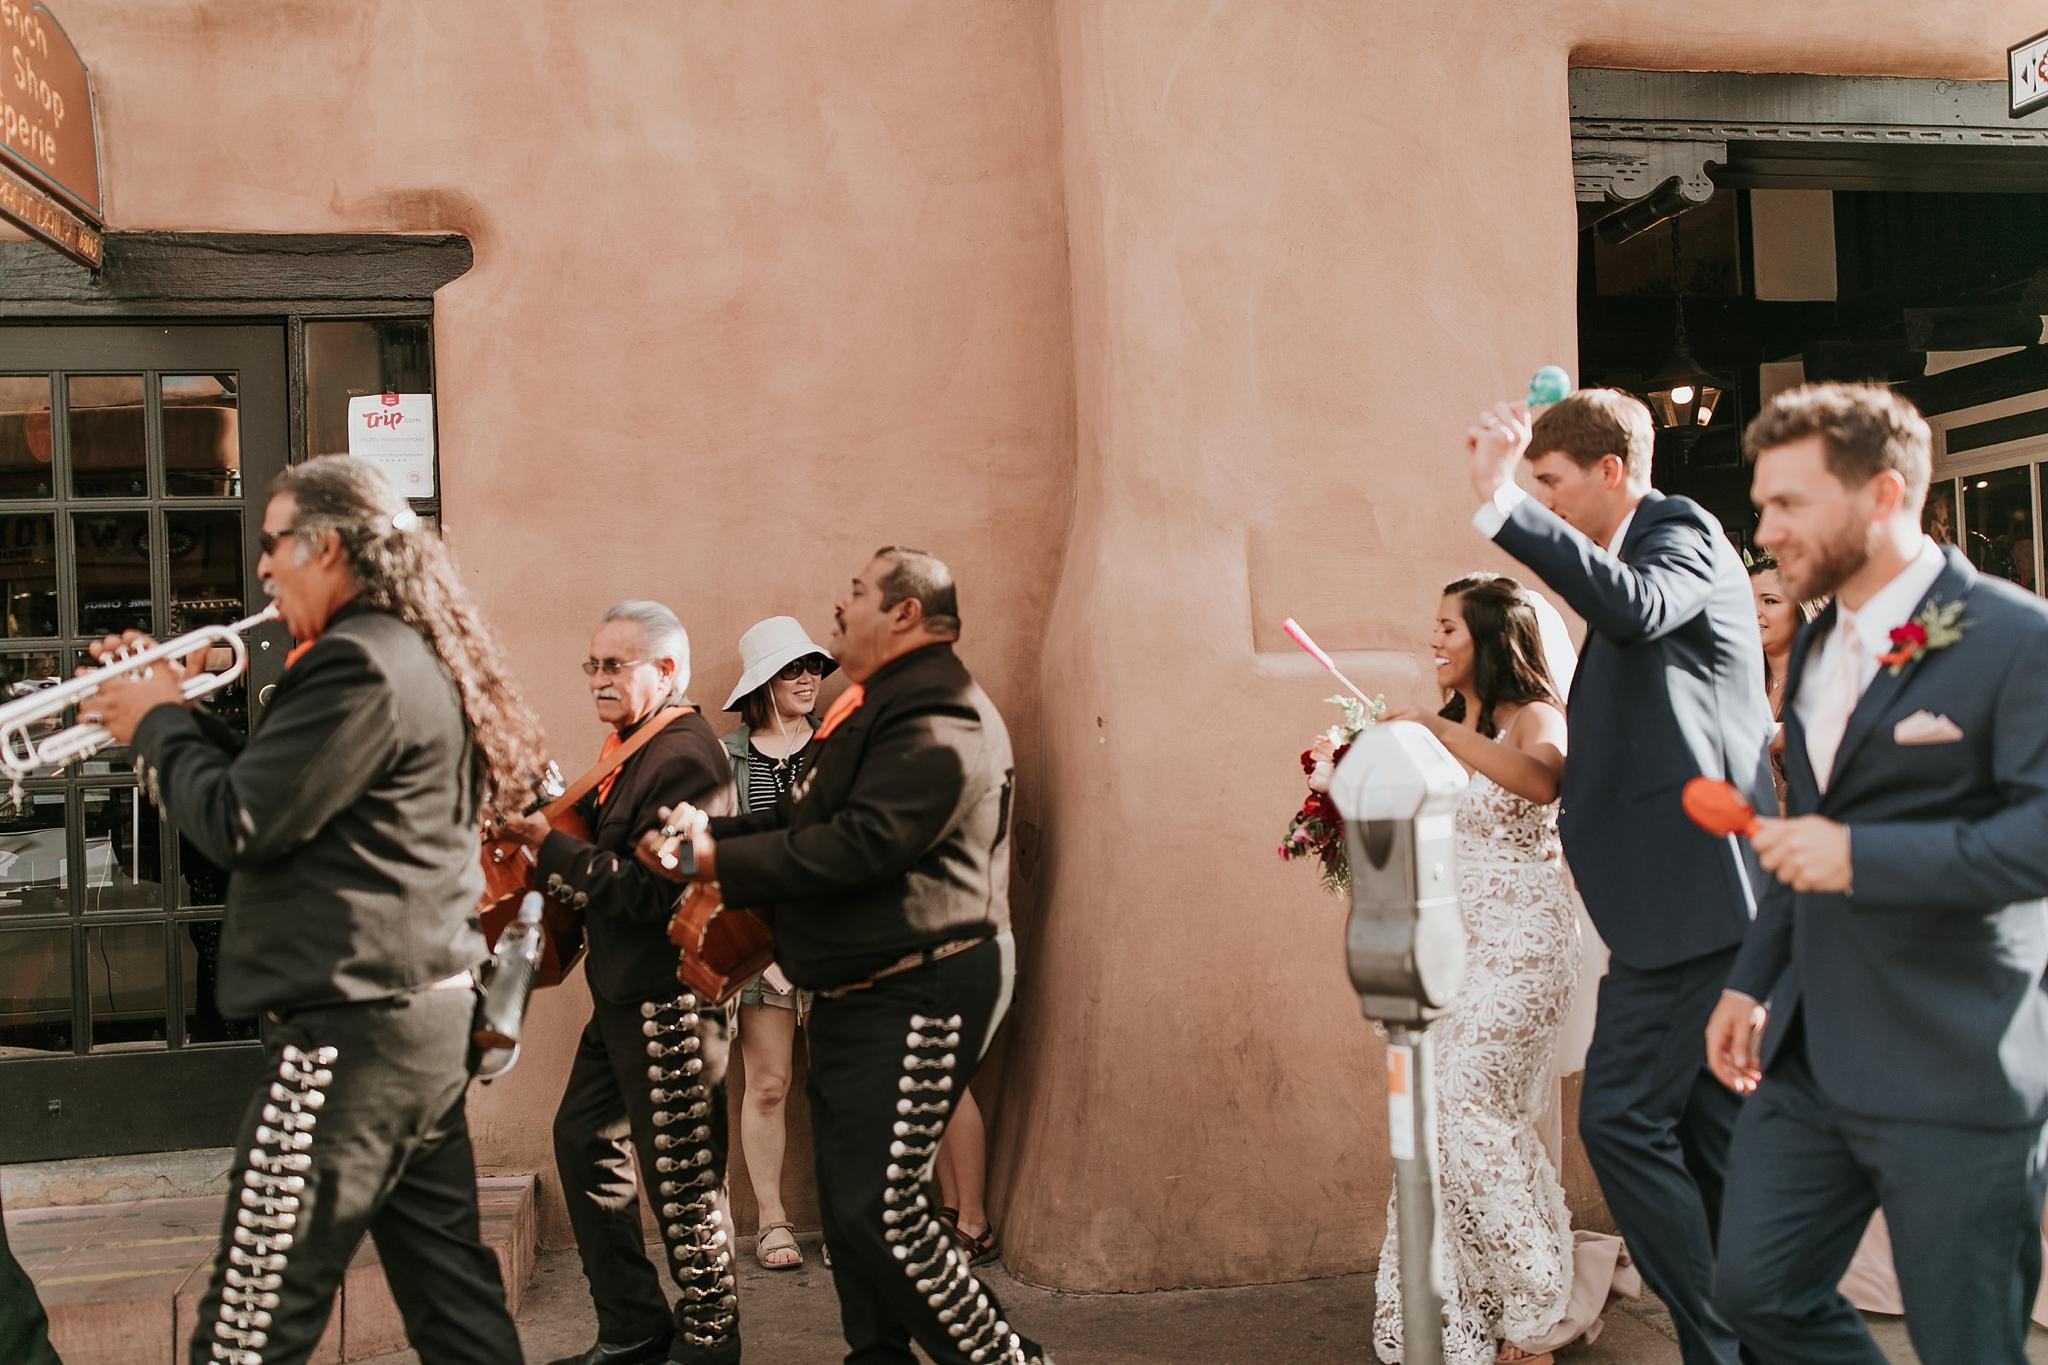 Alicia+lucia+photography+-+albuquerque+wedding+photographer+-+santa+fe+wedding+photography+-+new+mexico+wedding+photographer+-+new+mexico+wedding+-+santa+fe+wedding+-+albuquerque+wedding+-+southwest+wedding+traditions_0009.jpg